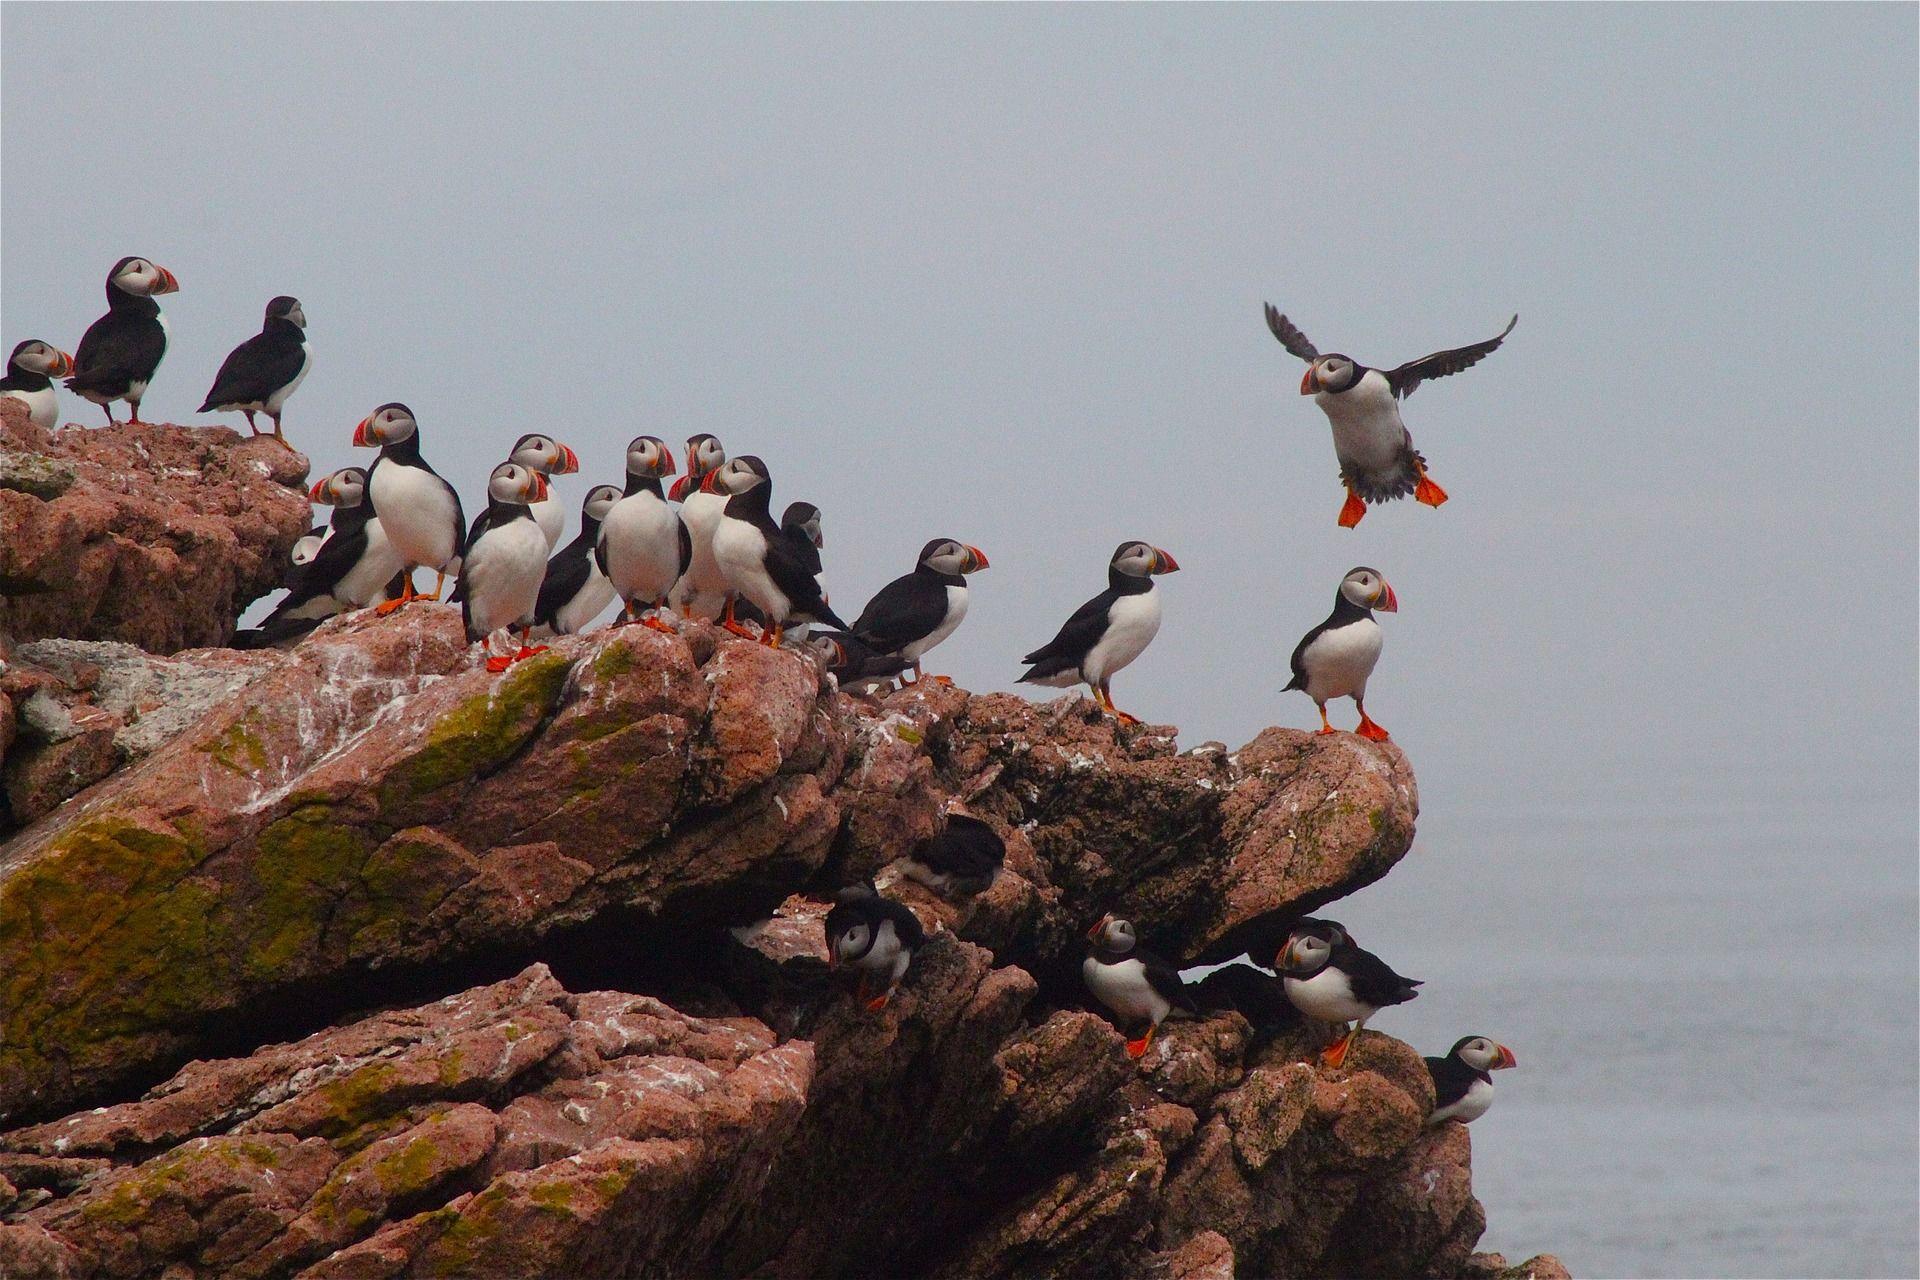 Смотреть фото птицы тупик онлайн